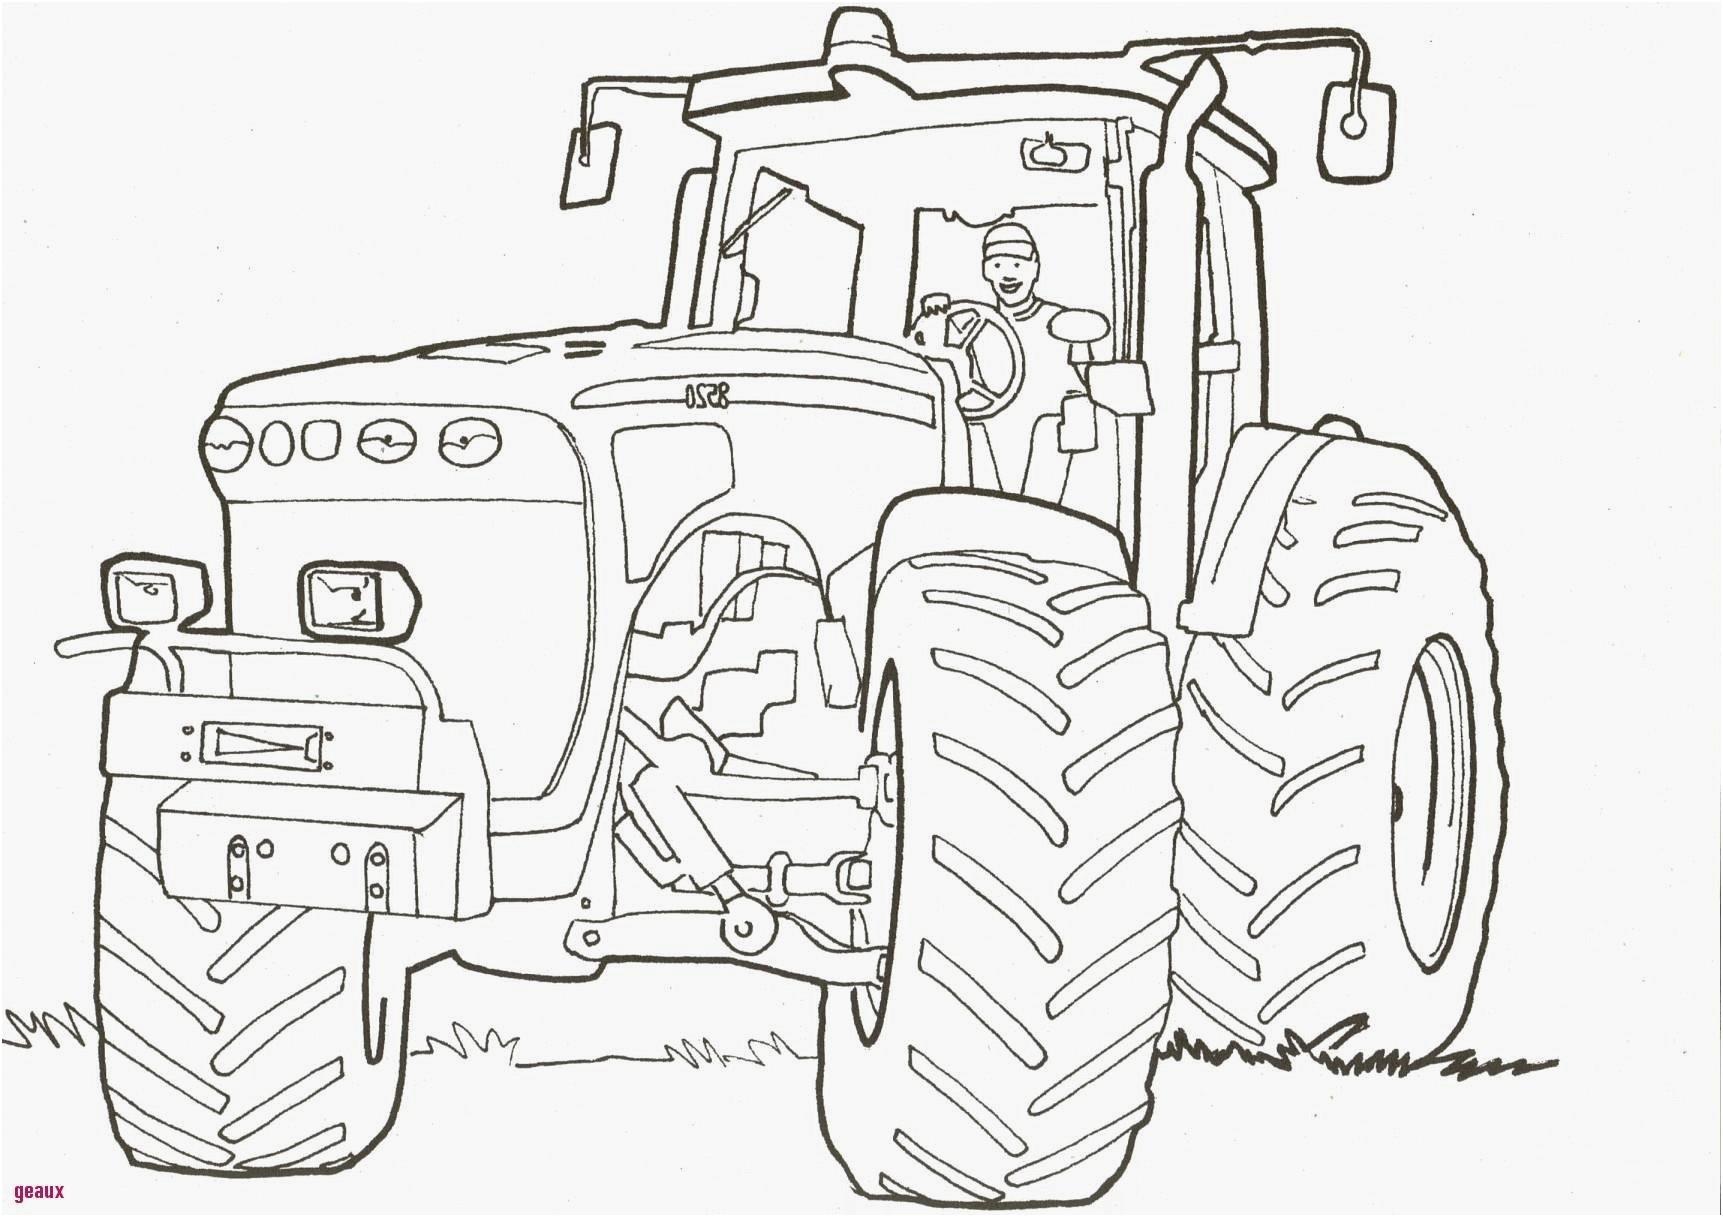 15 Authentique Coloriage De Tracteur Pics - Coloriage dedans Dessin D Un Tracteur